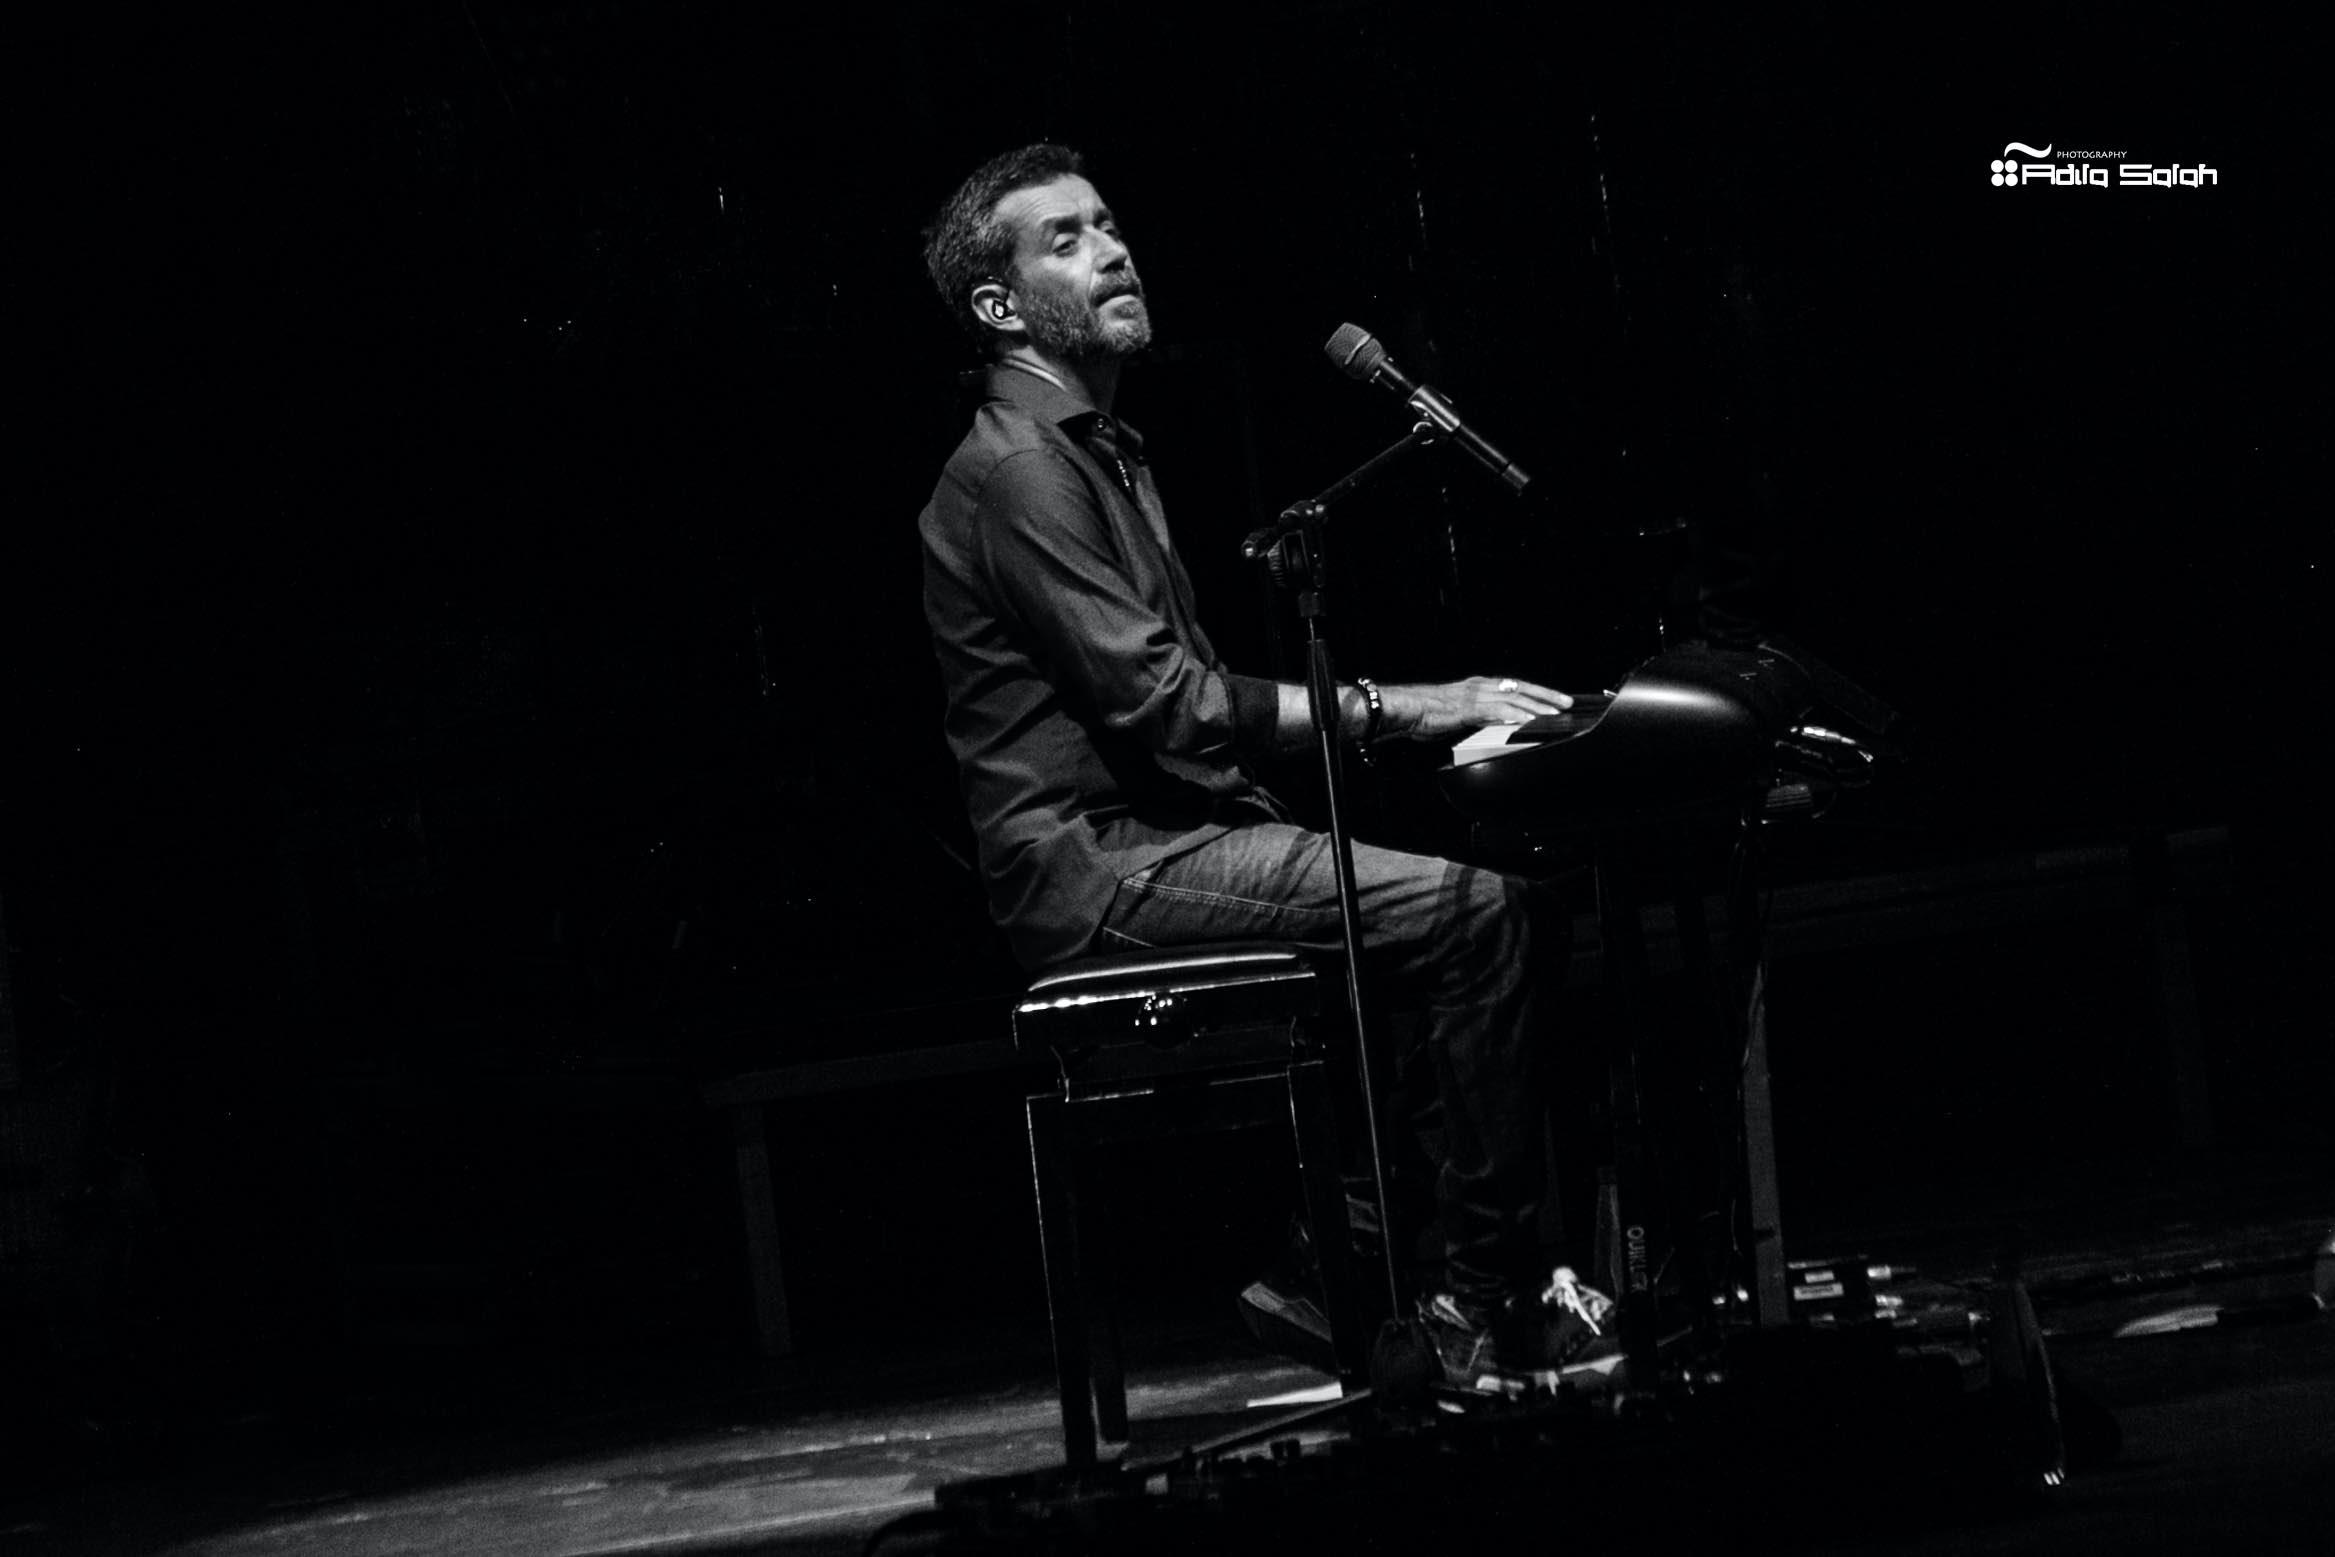 La sfida di Daniele Silvestri all'Auditorium: photogallery